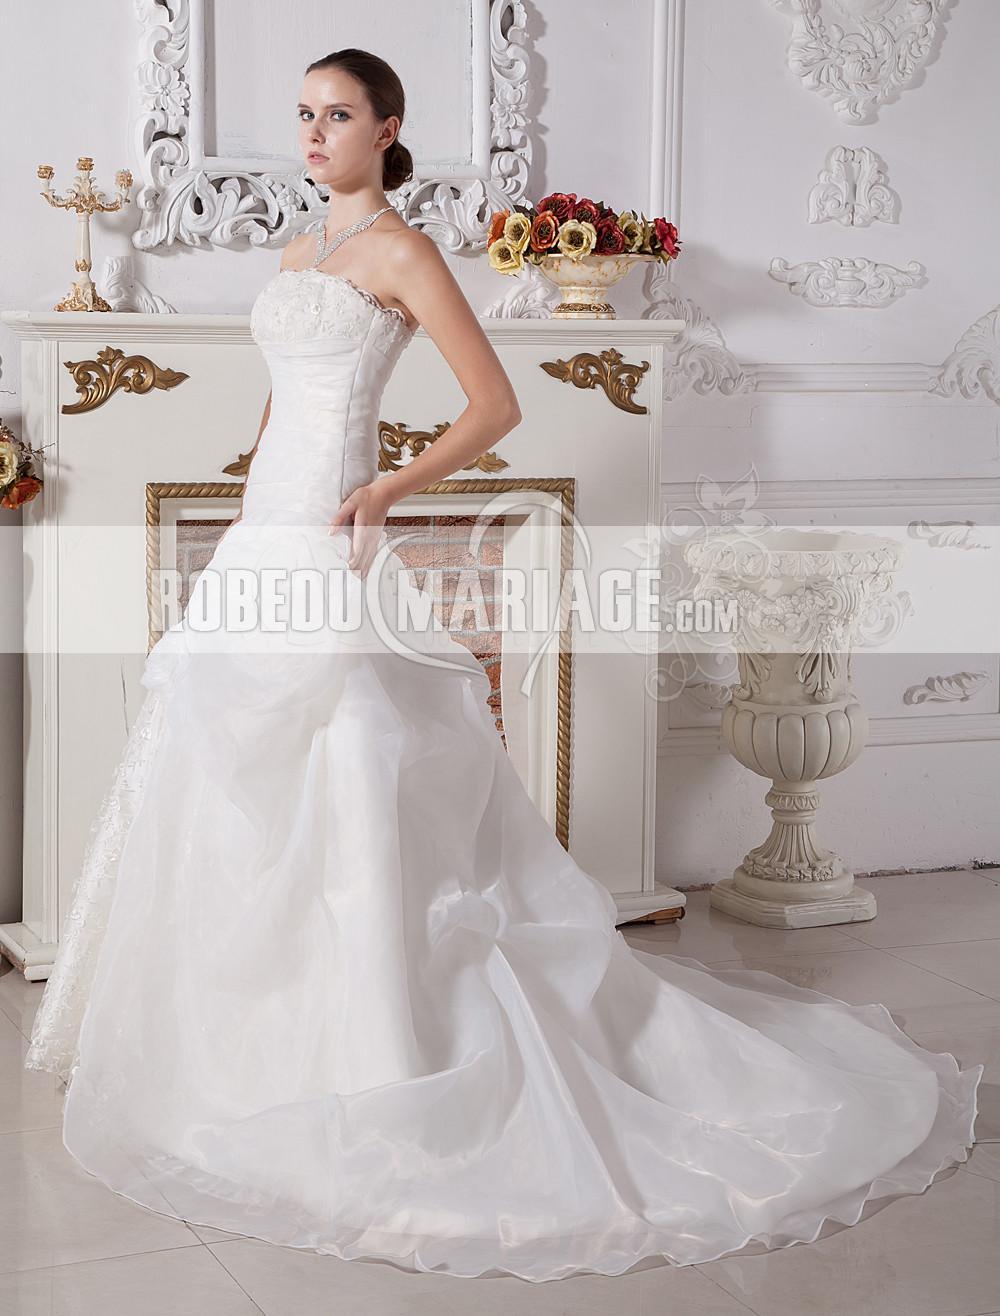 Accueil > Robe de mariage > Robe de mariée princesse > Robe de ...